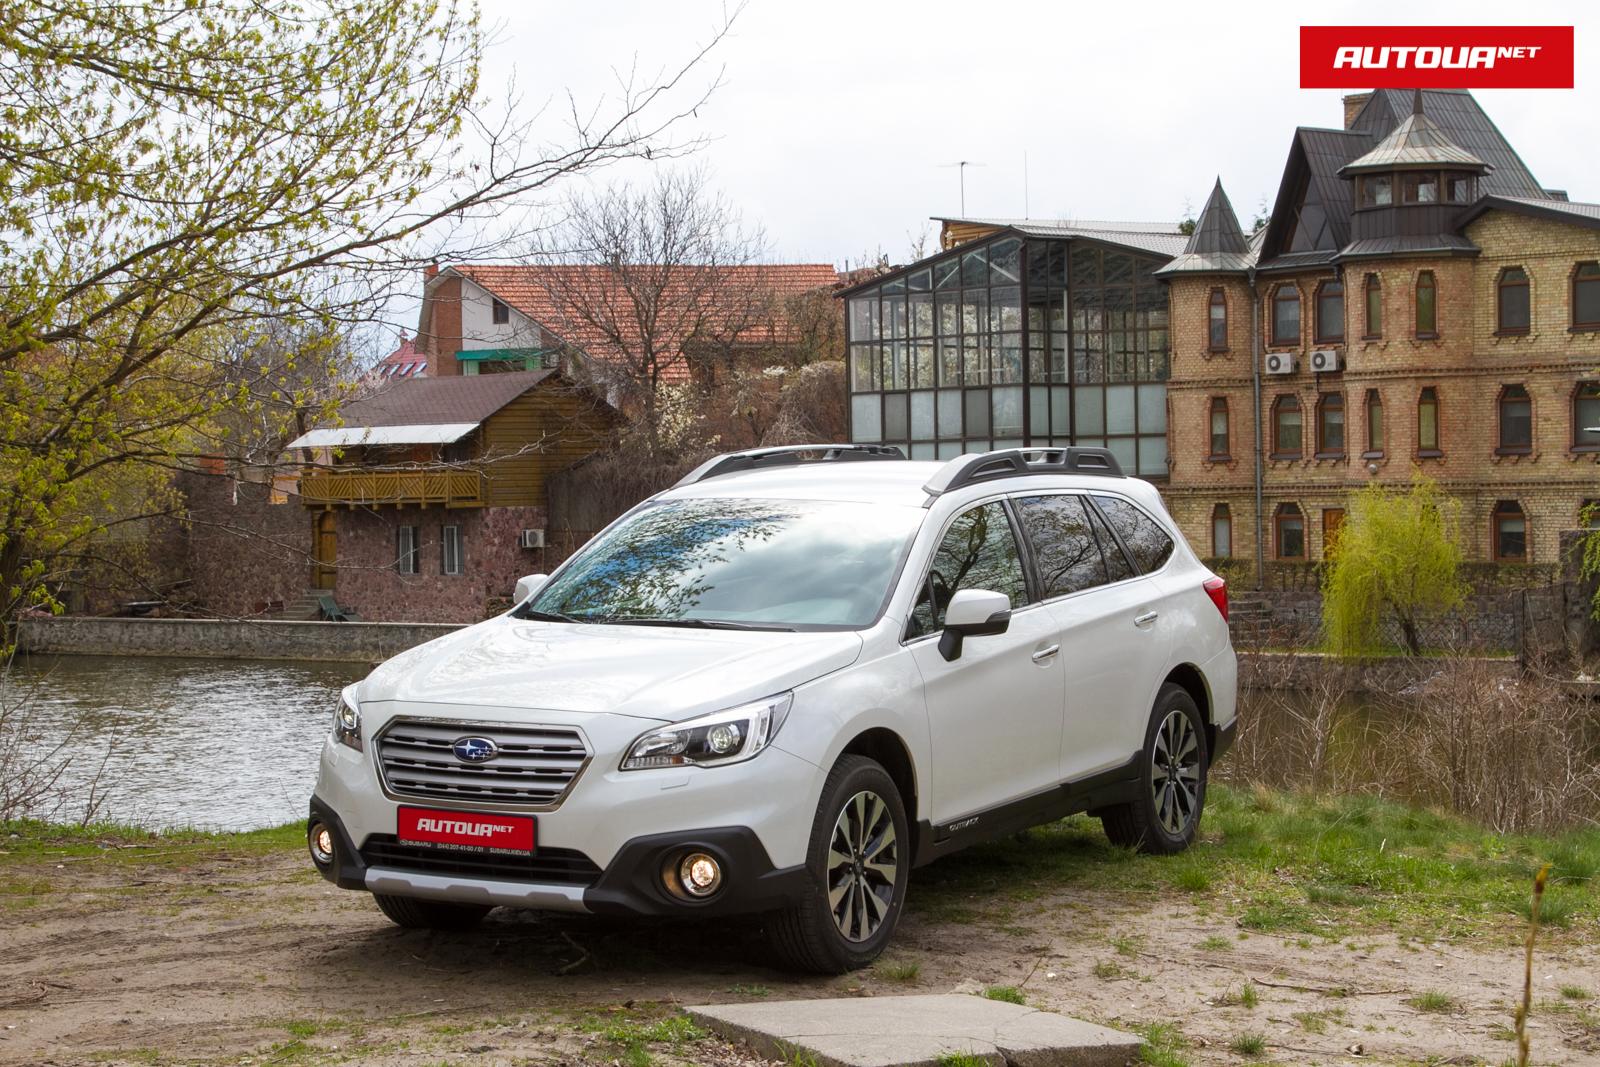 Тест-драйв Subaru Outback: универсал или кроссовер?